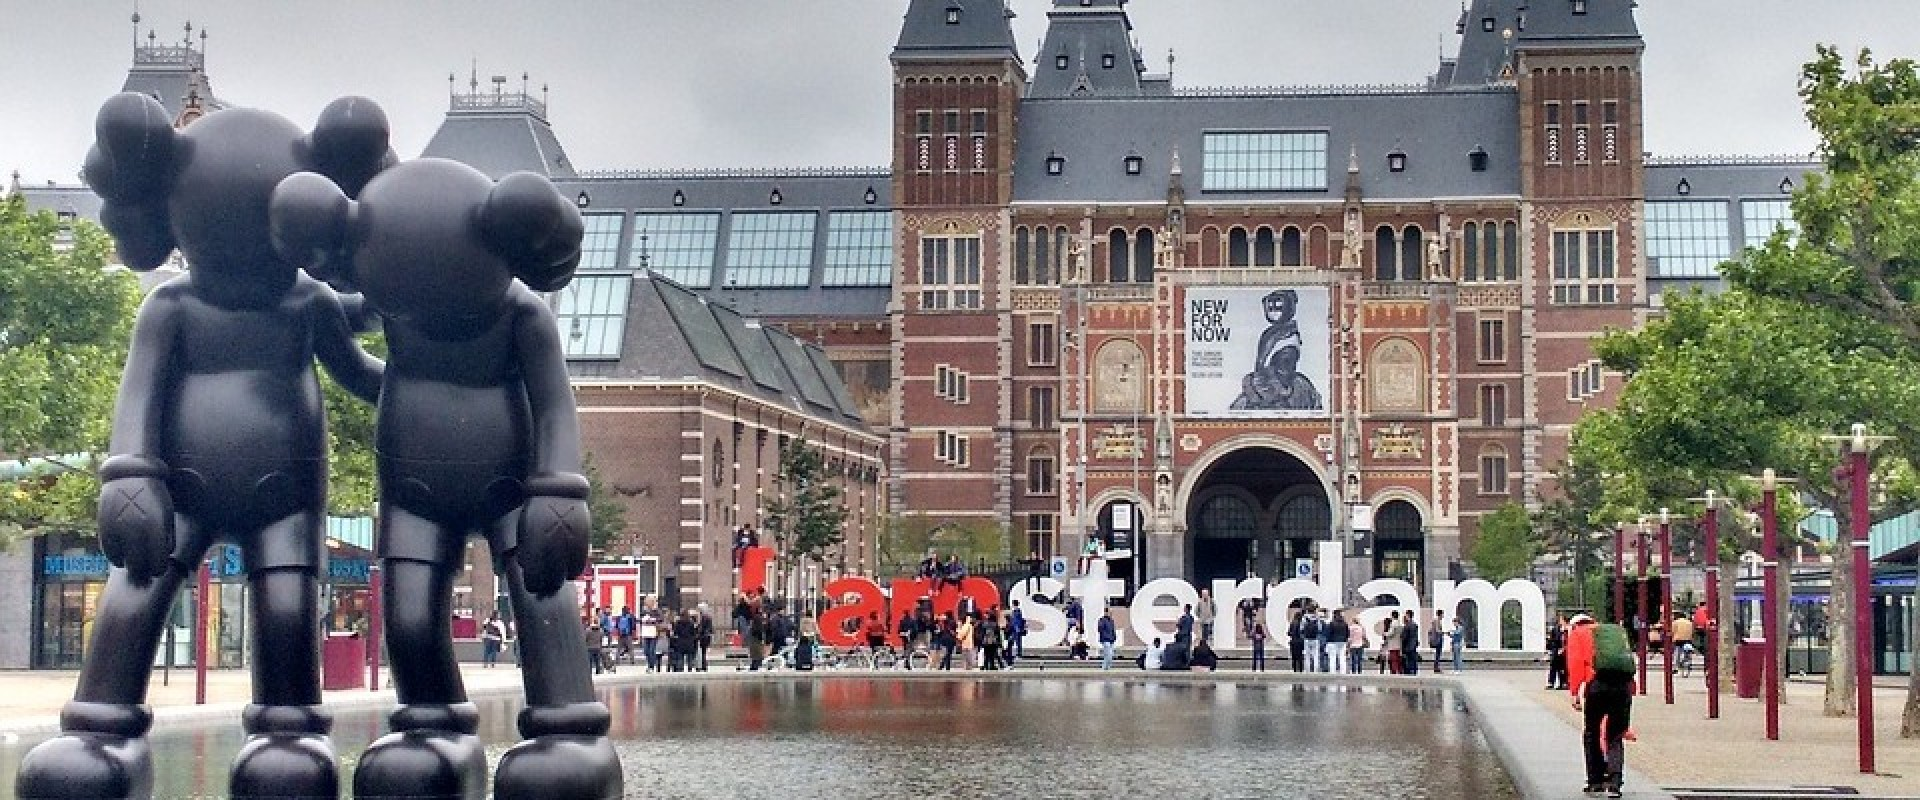 Erfpacht afkopen in Amsterdam, wees er op tijd bij!